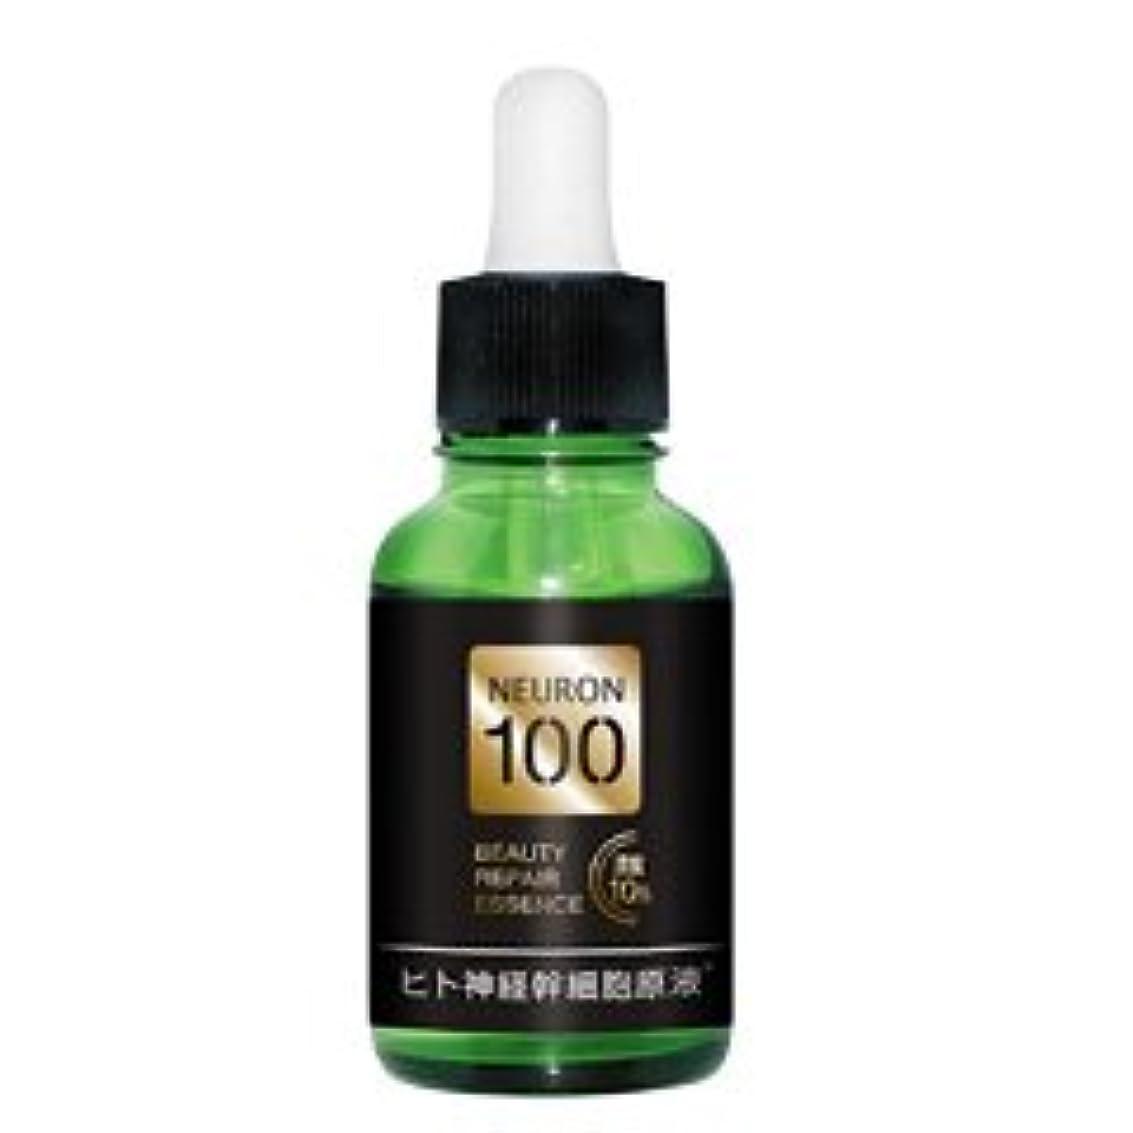 カバレッジゴールデン拮抗【濃度10%】 ニューロン100 NEURON100 ヒト由来神経幹細胞培養液 サロン仕様品 ギフトにも最適 美容液 30ml